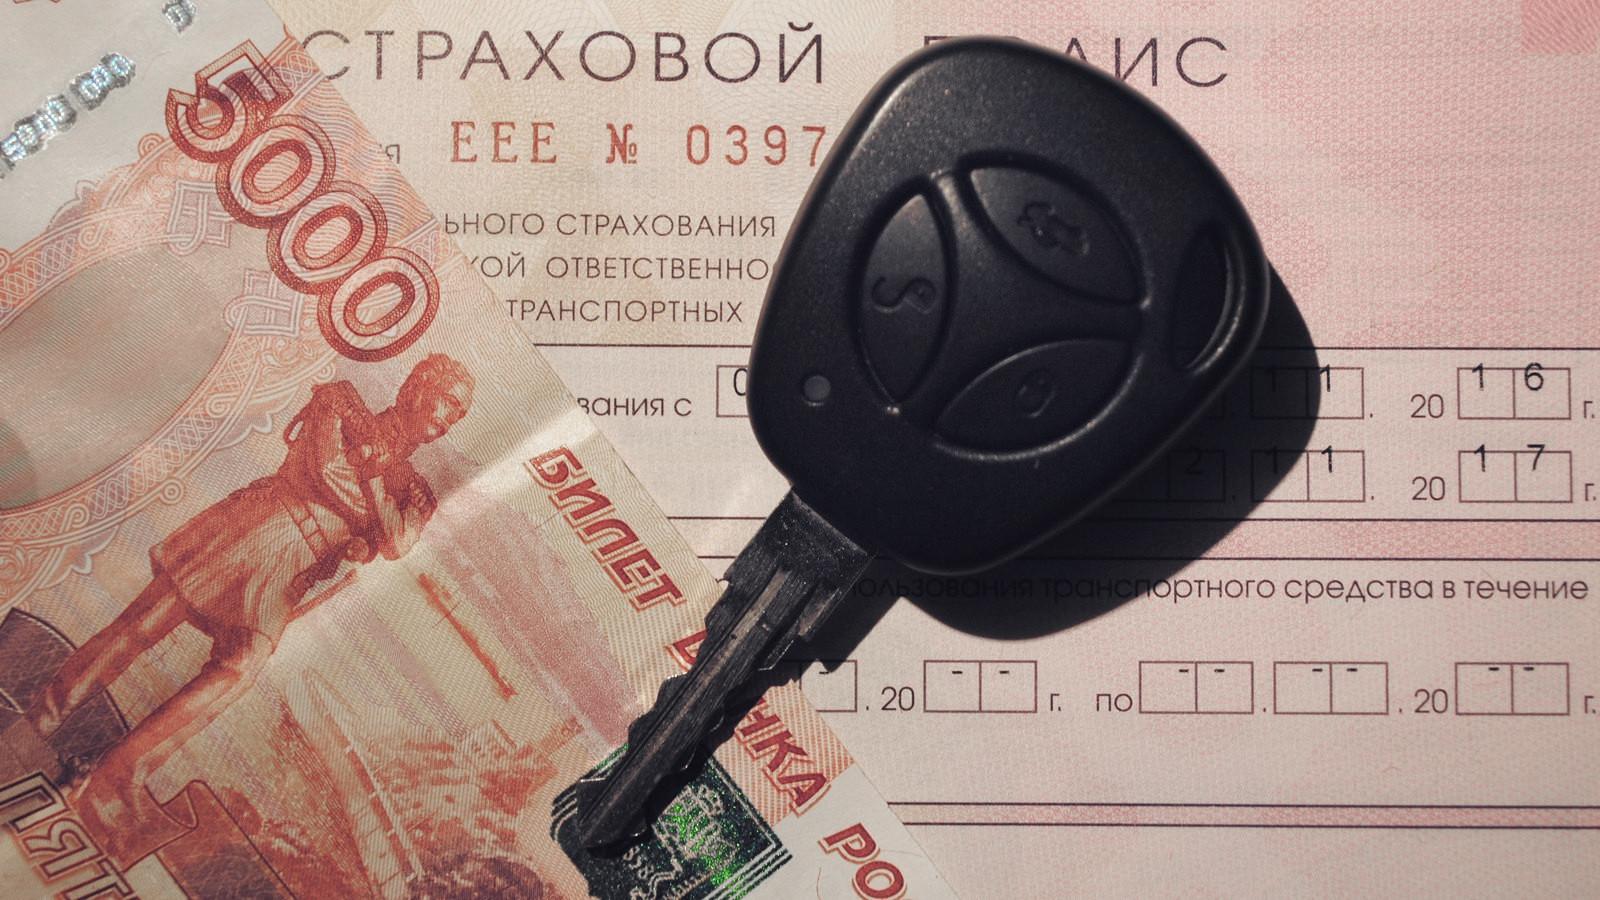 Страховщика оштрафовали заотказ взаключении договора ОСАГО